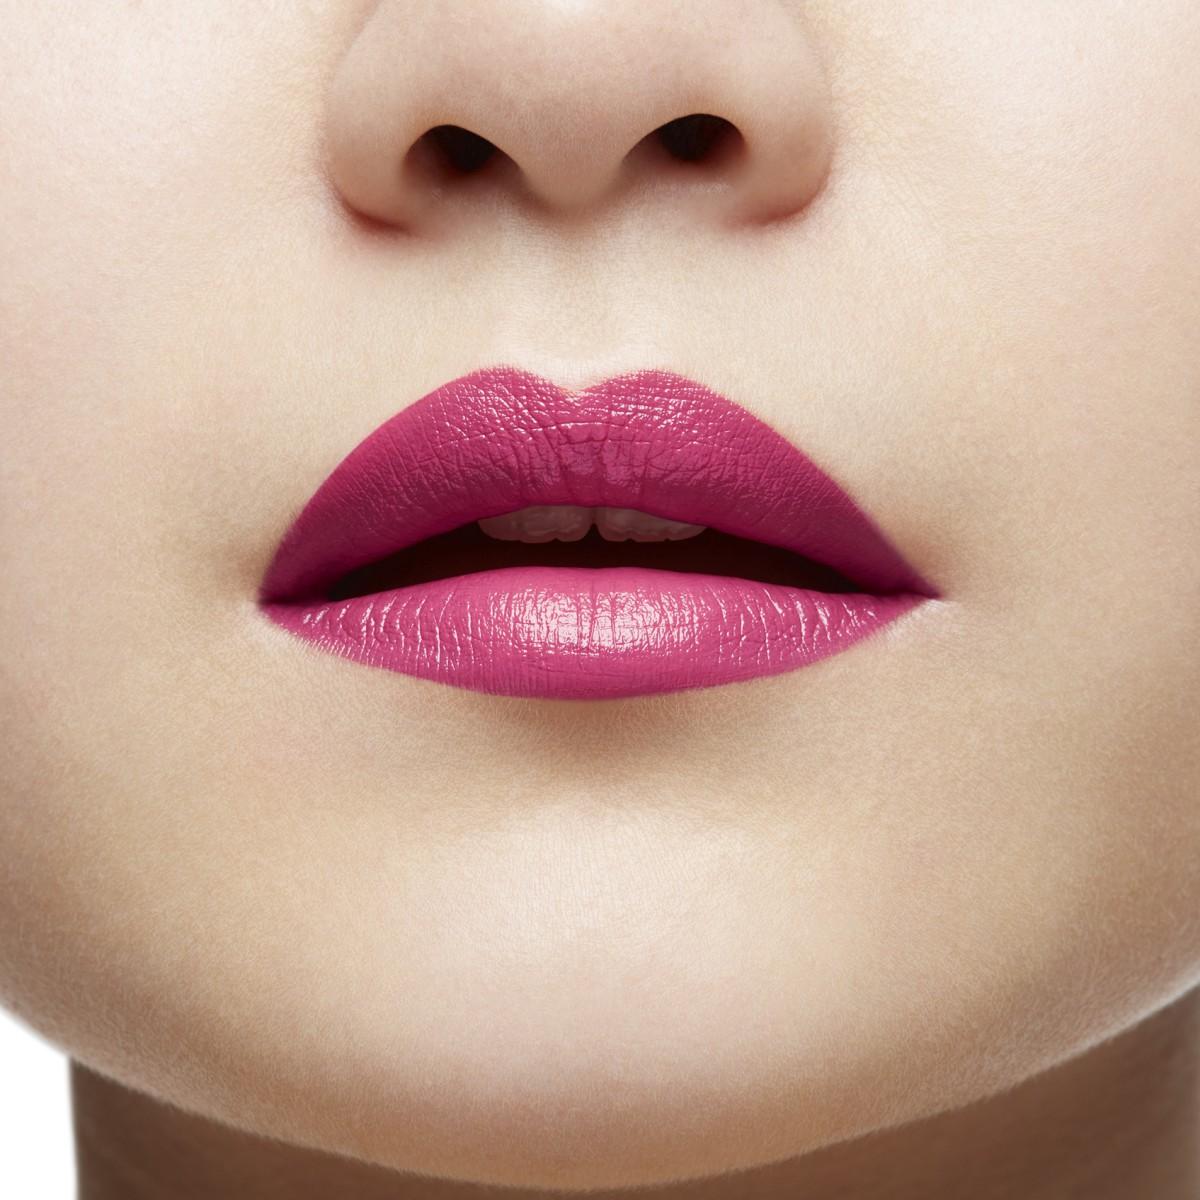 Beauty - Pluminette Silky Satin - Christian Louboutin